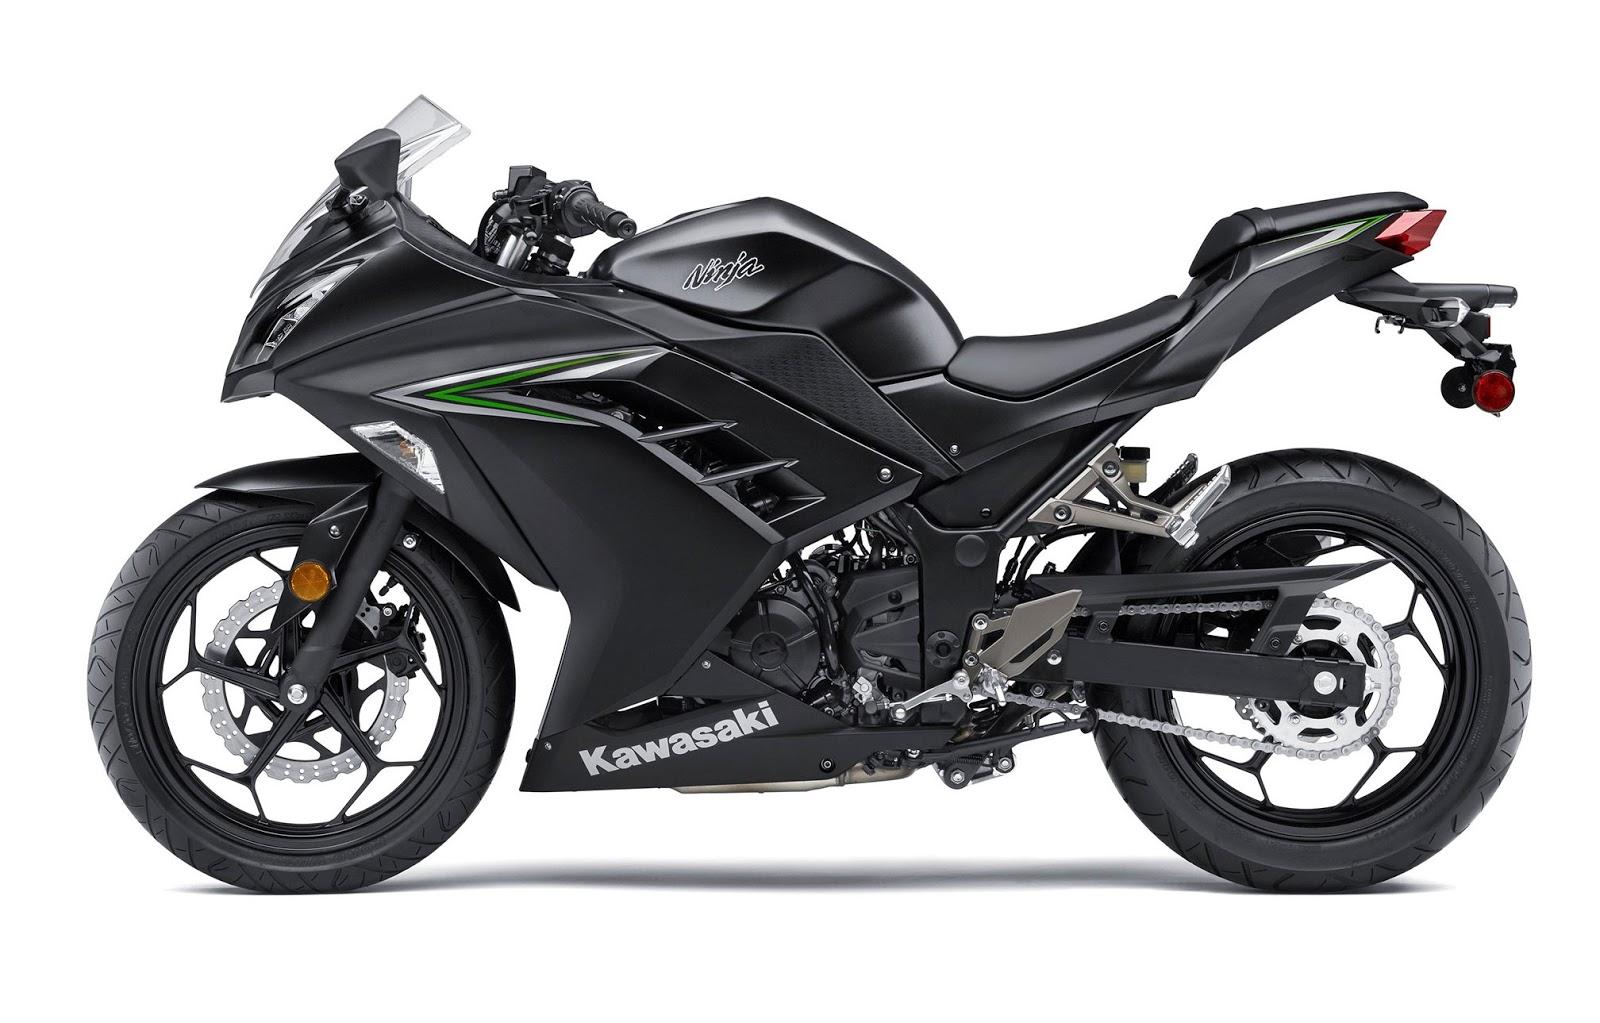 Kawasaki Ninja Riding Basics